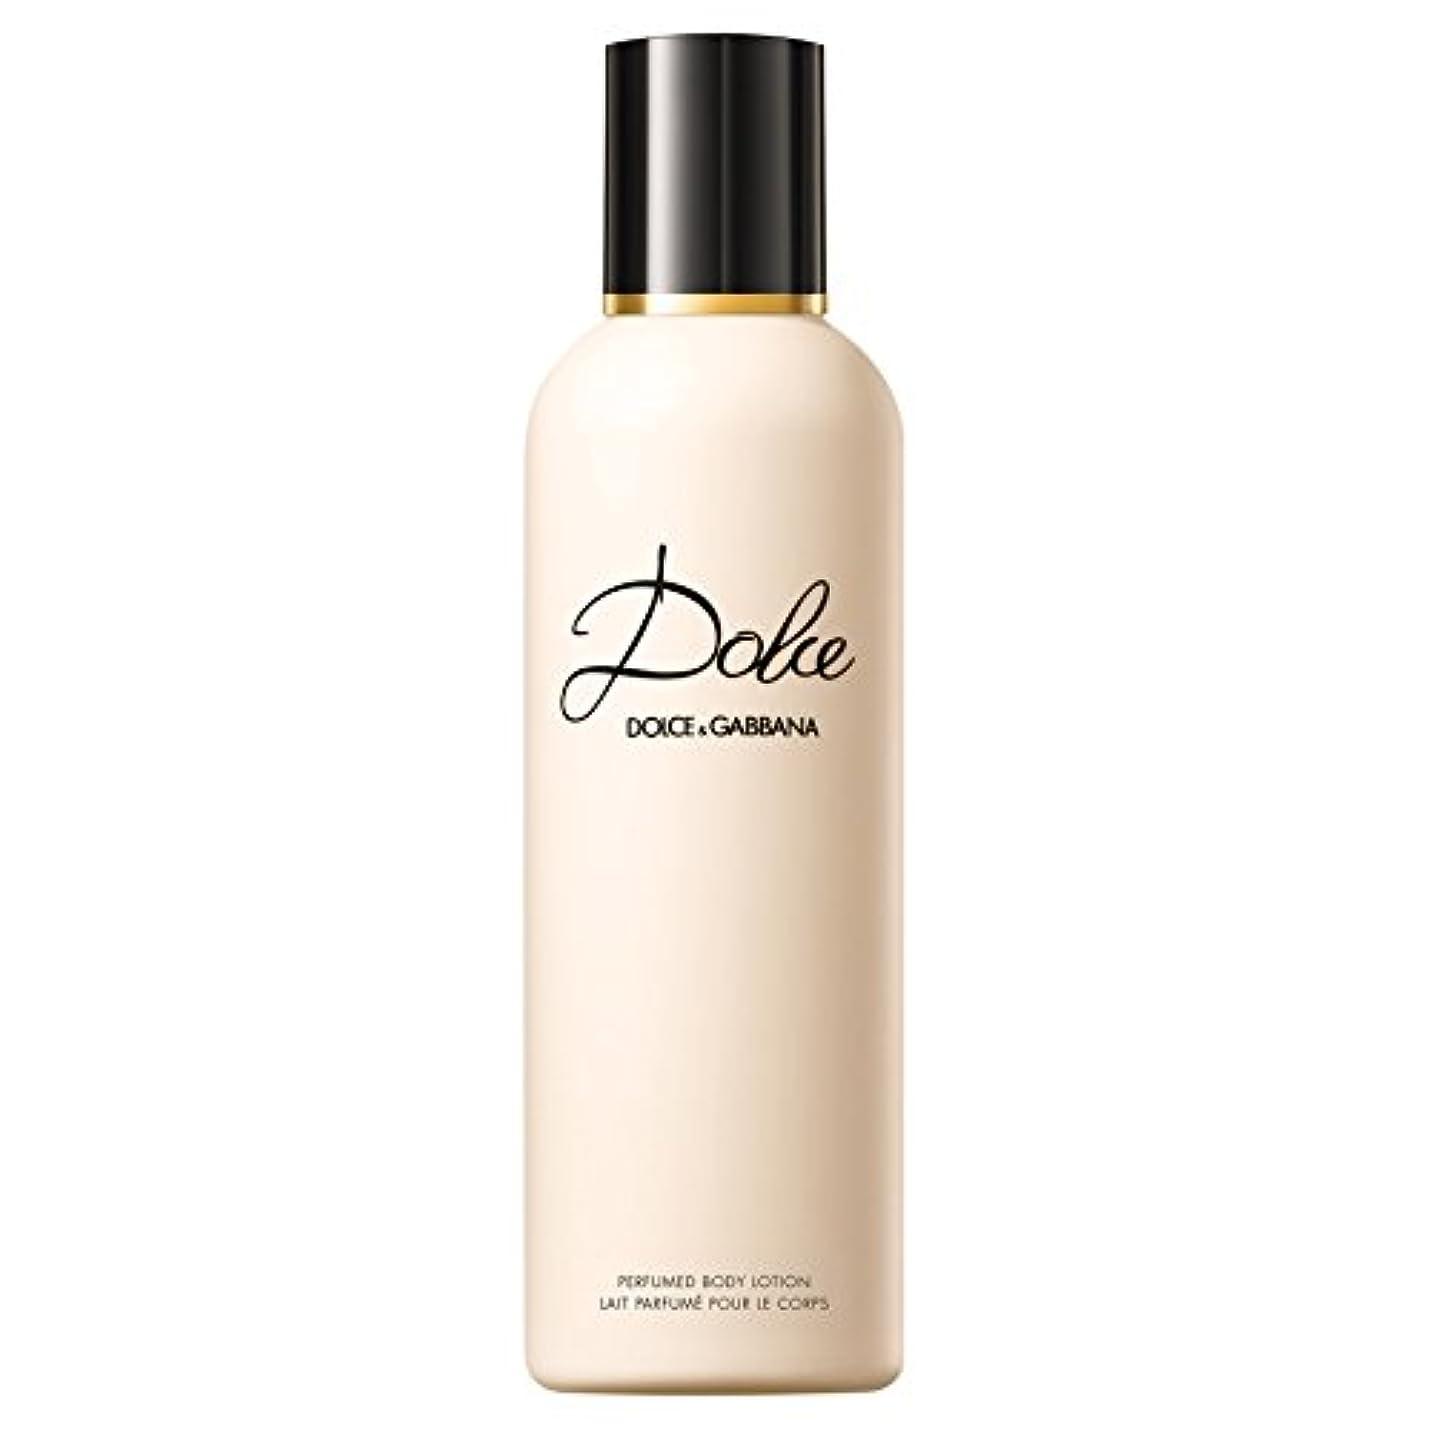 溶かすほうき疎外ドルチェ&ガッバーナドルチェのボディローション200ミリリットル (Dolce & Gabbana) - Dolce & Gabbana Dolce Body Lotion 200ml [並行輸入品]